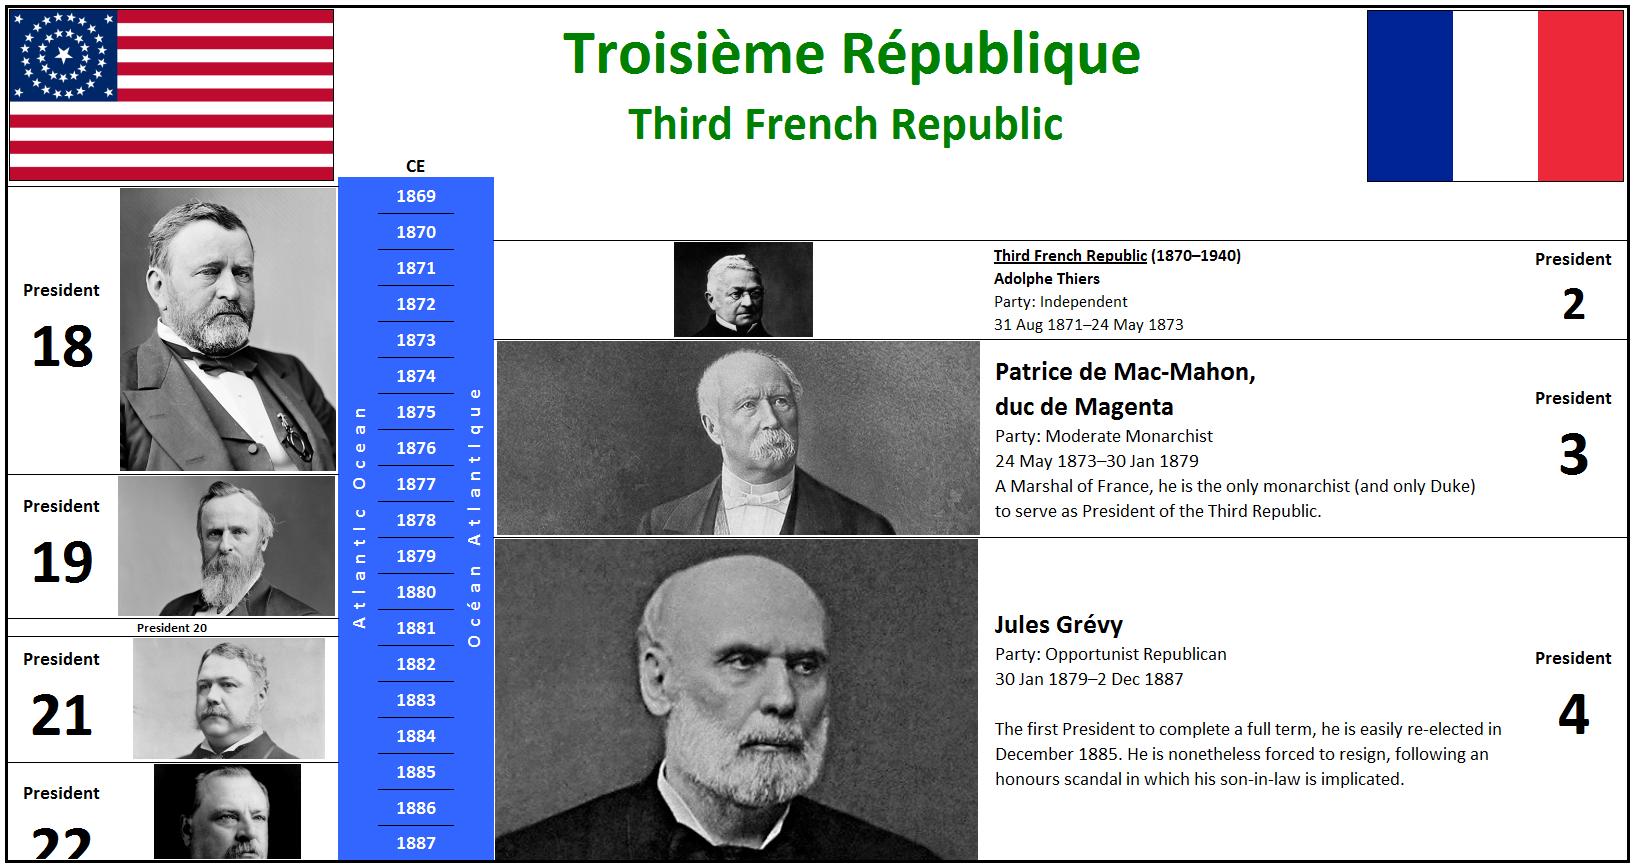 1870 Troisième République